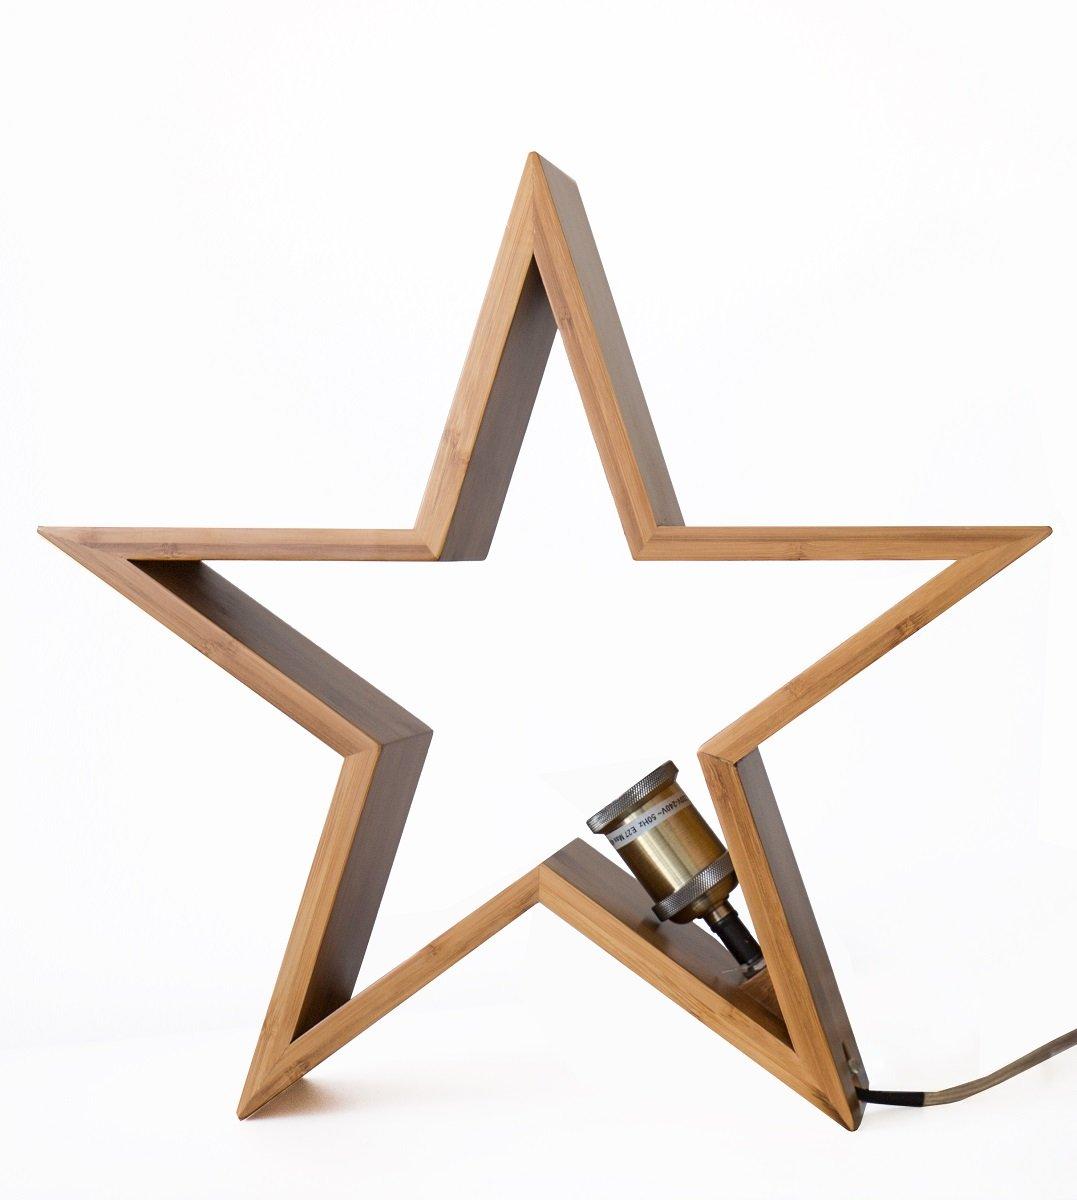 Stern Lampe Bambus Holz Tischleuchte Hangeleuchte Dekoleuchte O44cm